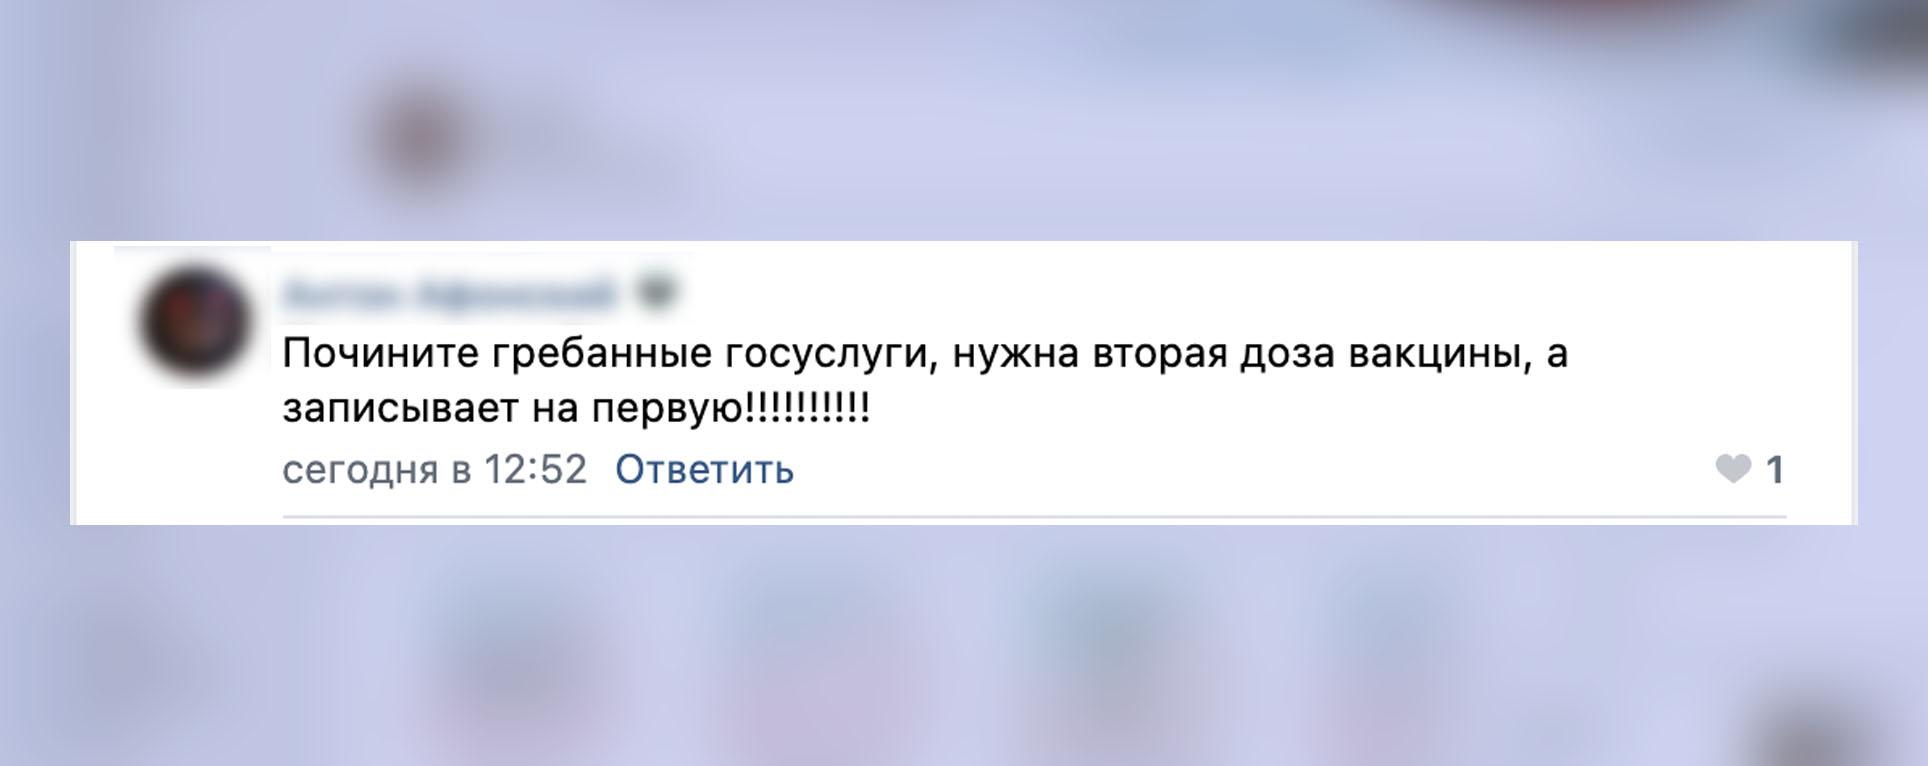 © vk.com/gosuslugi